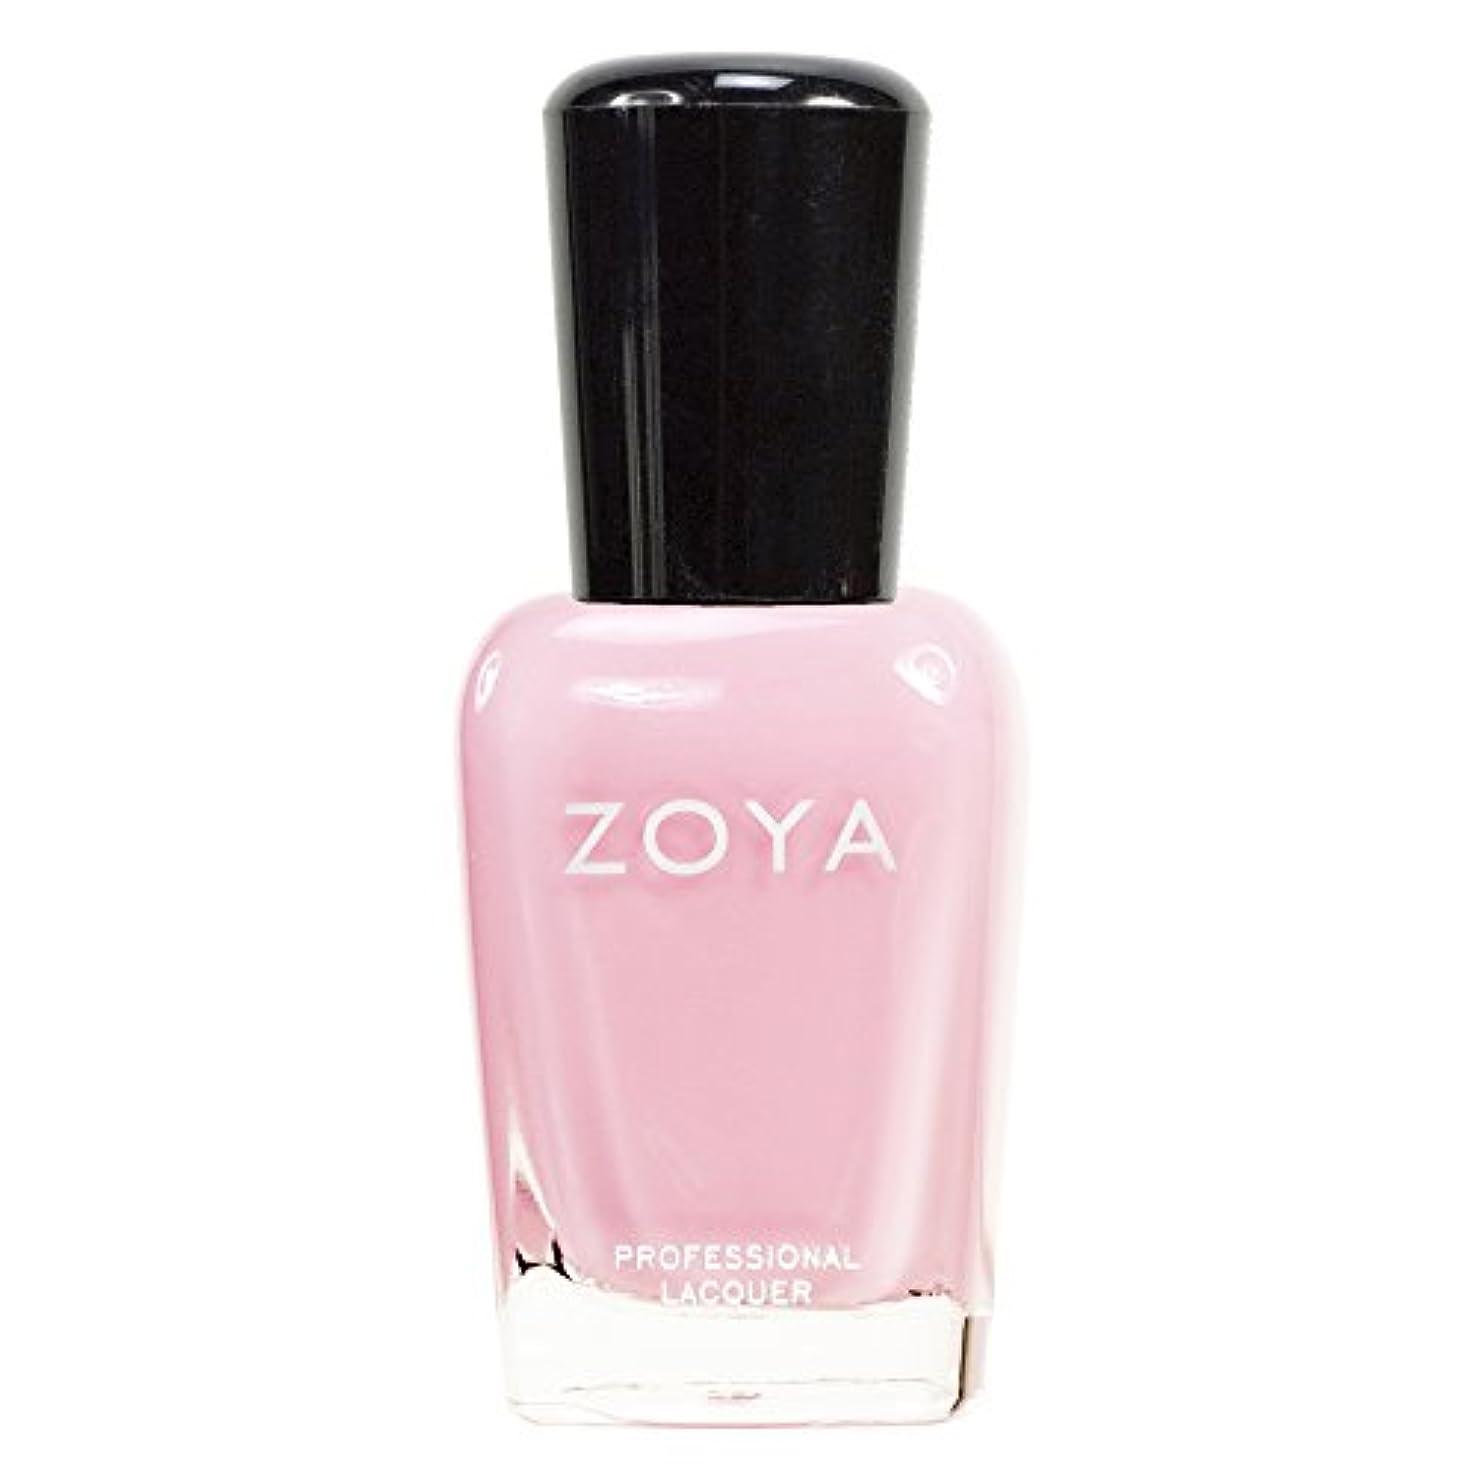 ビヨン貴重な眠いですZOYA ゾーヤ ネイルカラーZP315 BELA ベラ 15ml 淡く優しいクリーミーなピンク マット 爪にやさしいネイルラッカーマニキュア